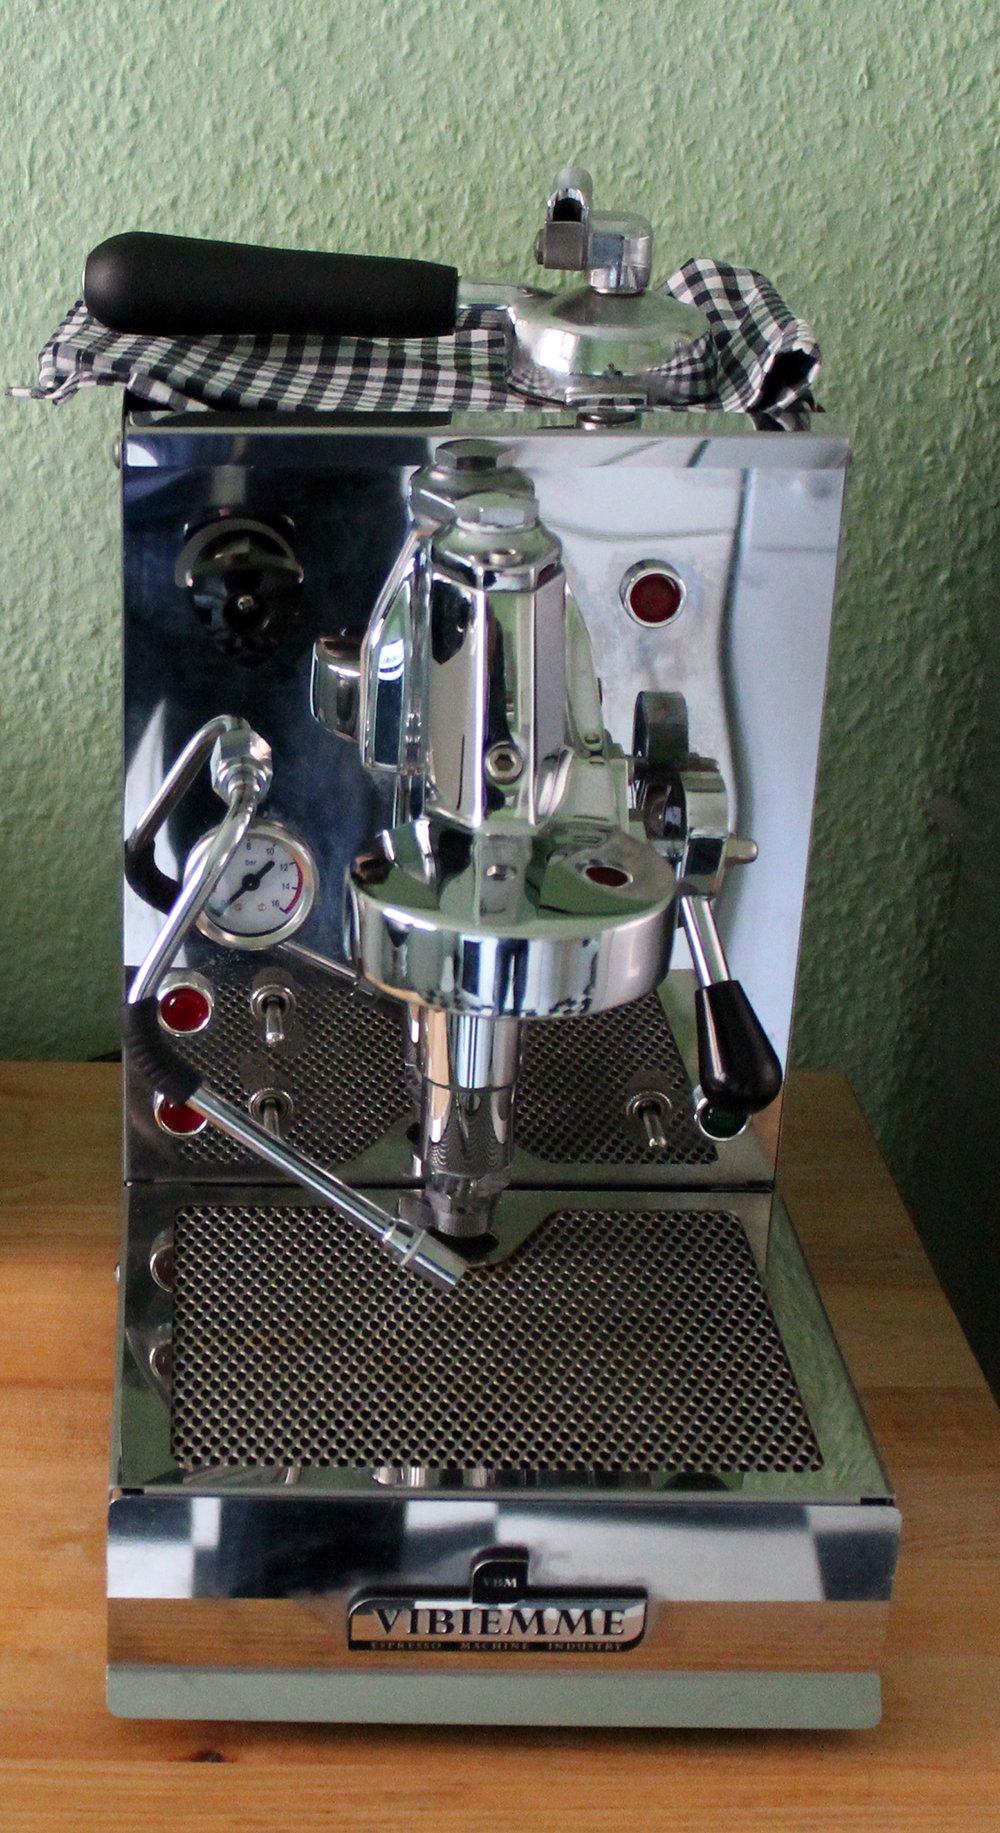 Vibiemme Domobar - Cafetera de espresso manual: Amazon.es: Hogar